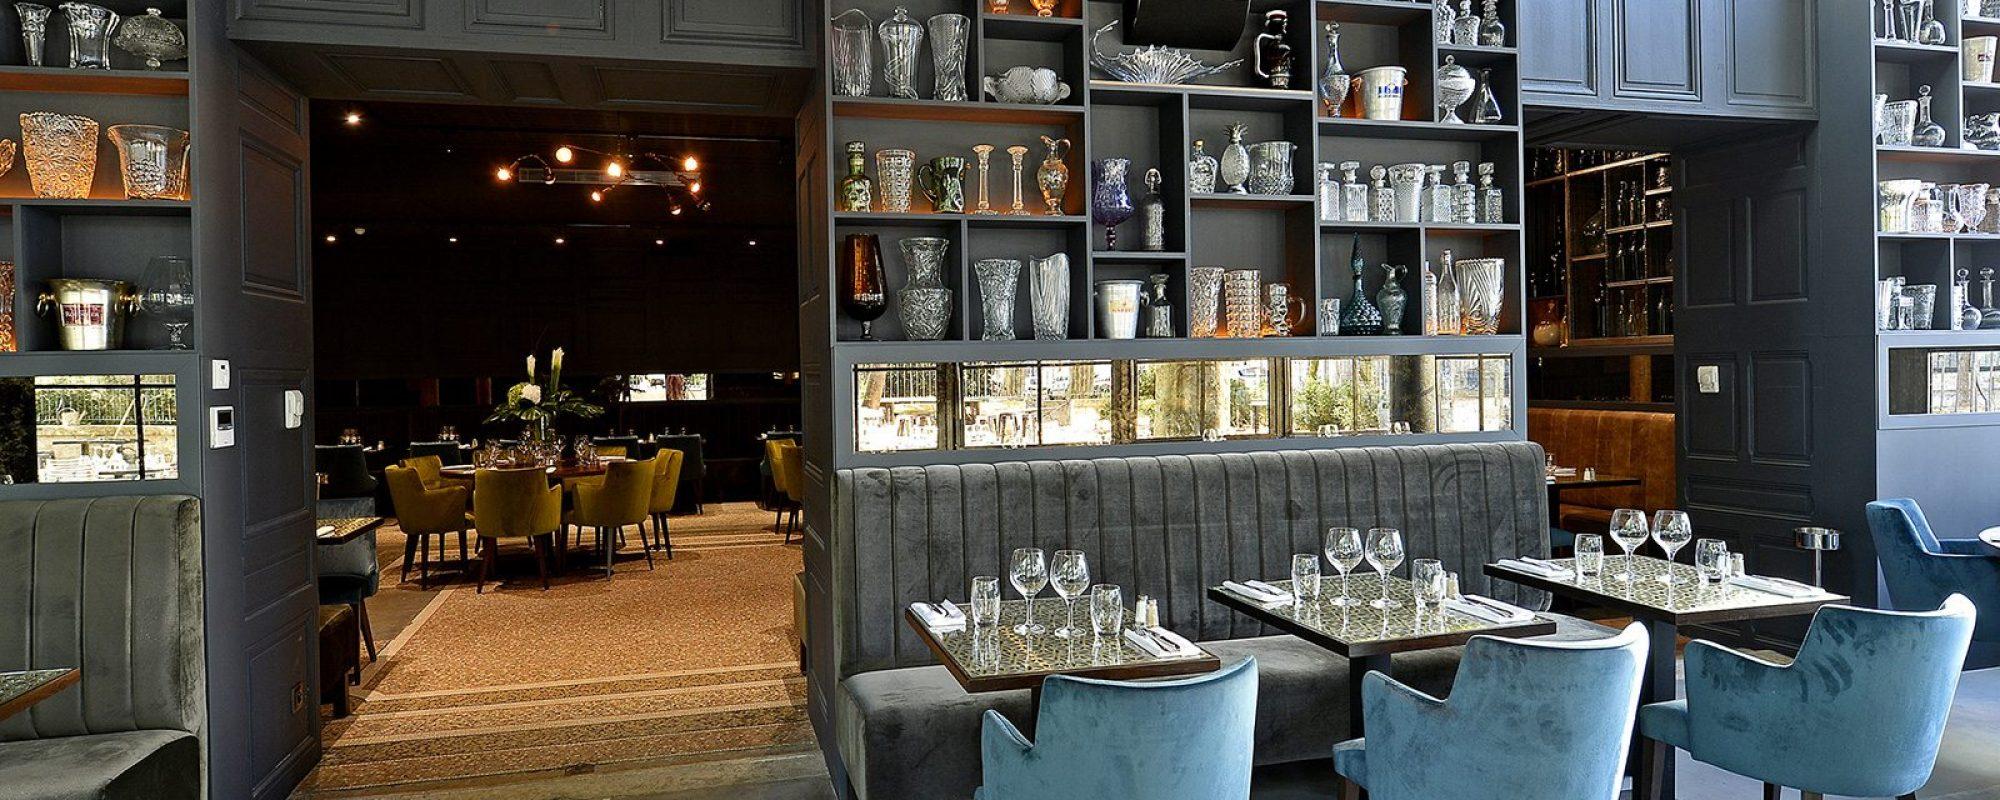 la-maison-restaurant-lyon